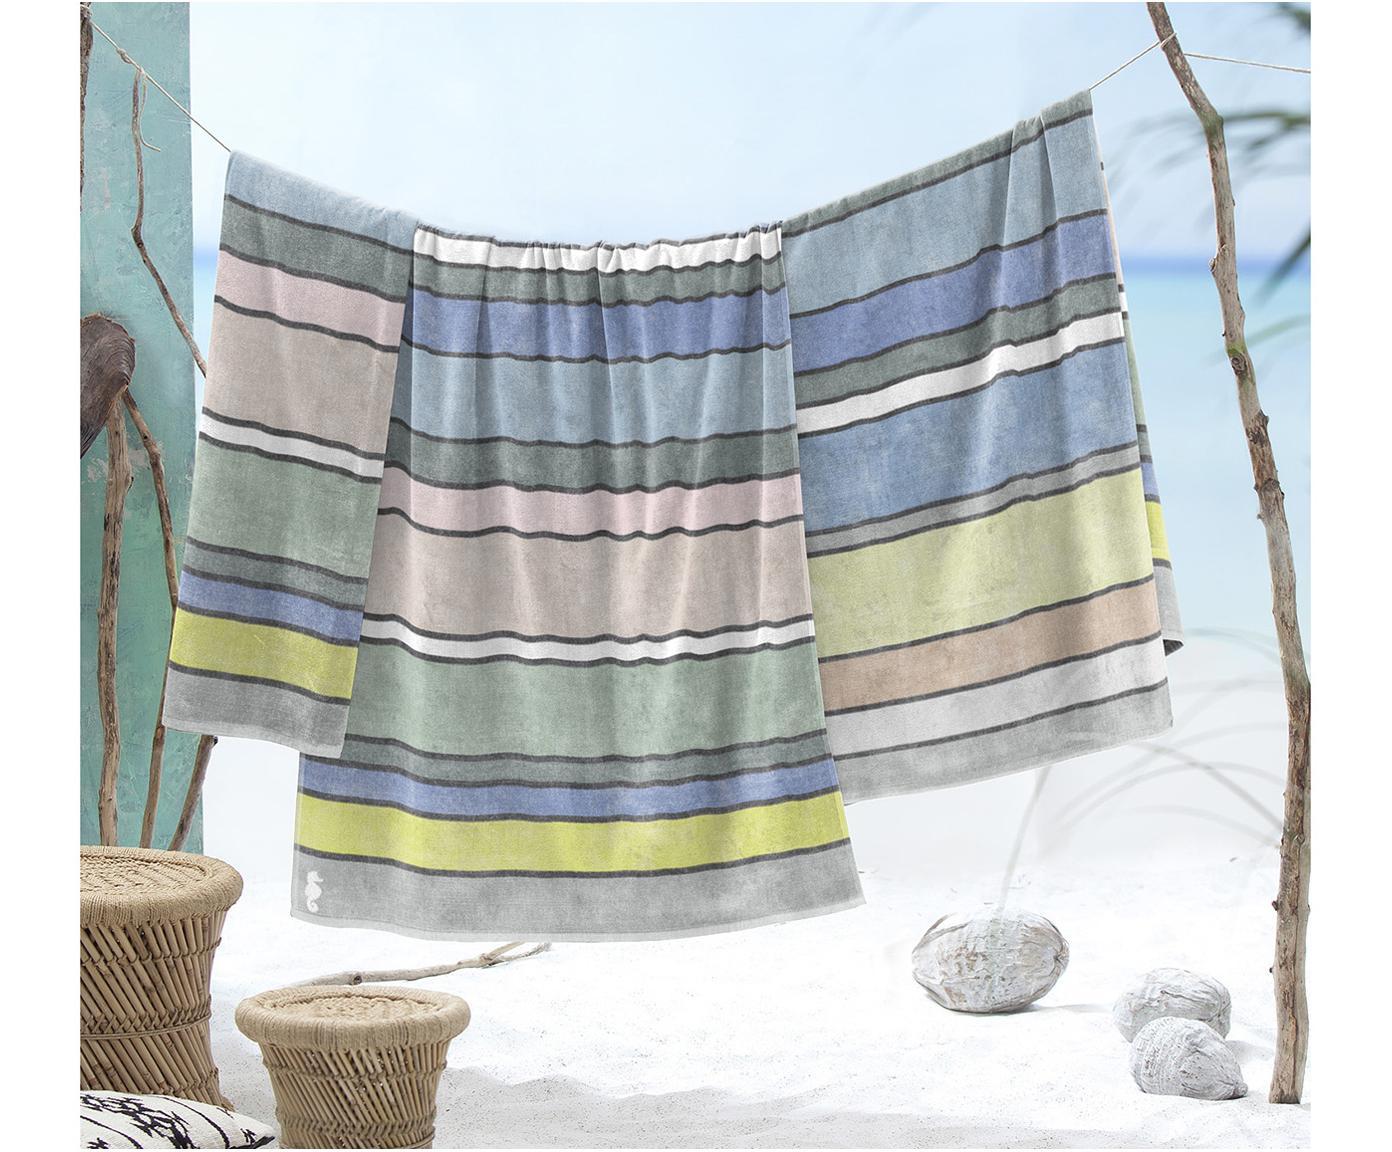 Ręcznik plażowy Belize, Egipska bawełna, średnia gramatura 420 g/m, Wielobarwny, S 100 x D 180 cm